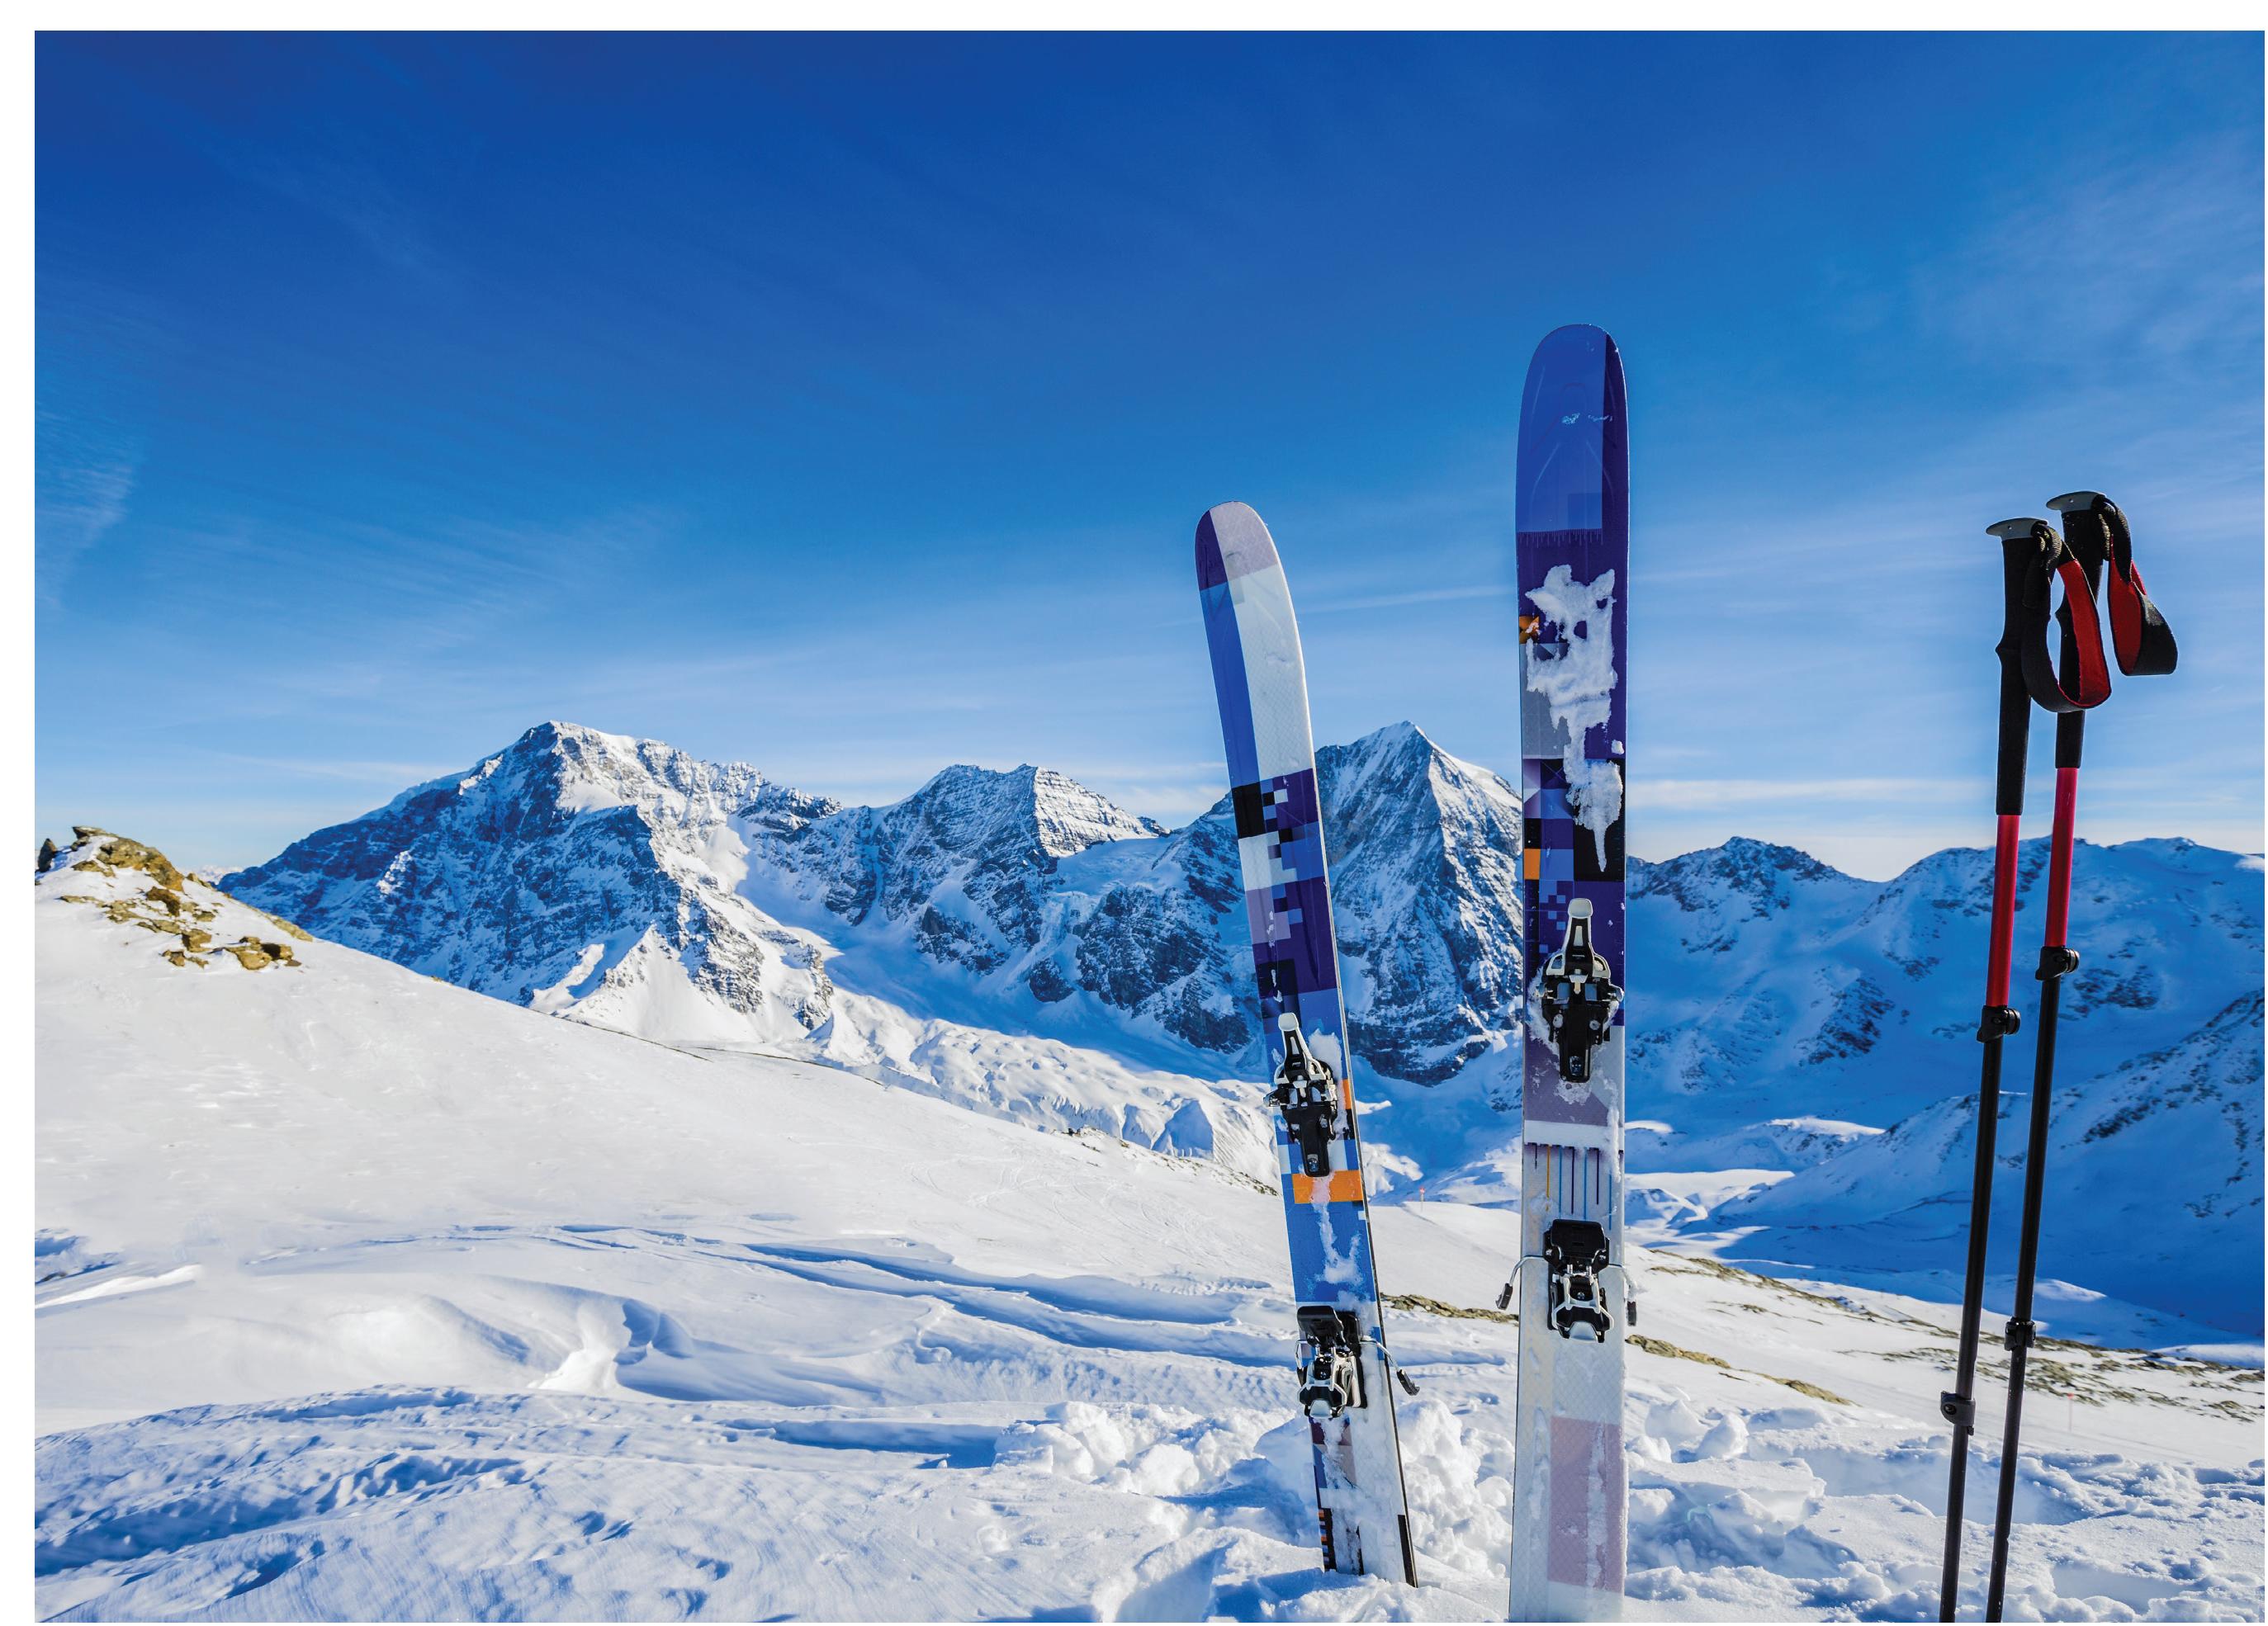 the resort report 2018-19 - park city ski resorts - skiing in utah